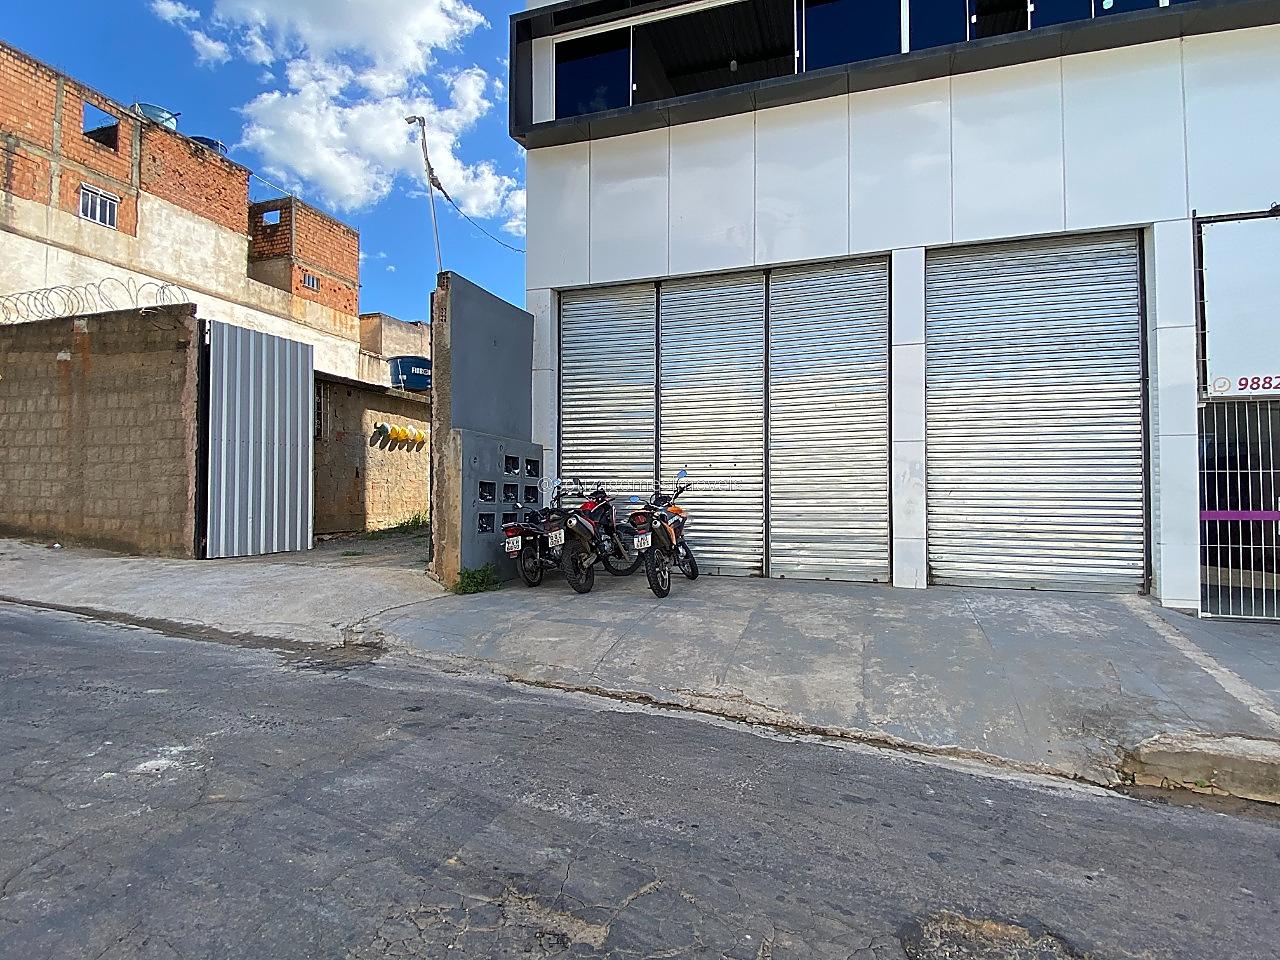 Ref.: 9066 - Lote ou Terreno - Teixeiras